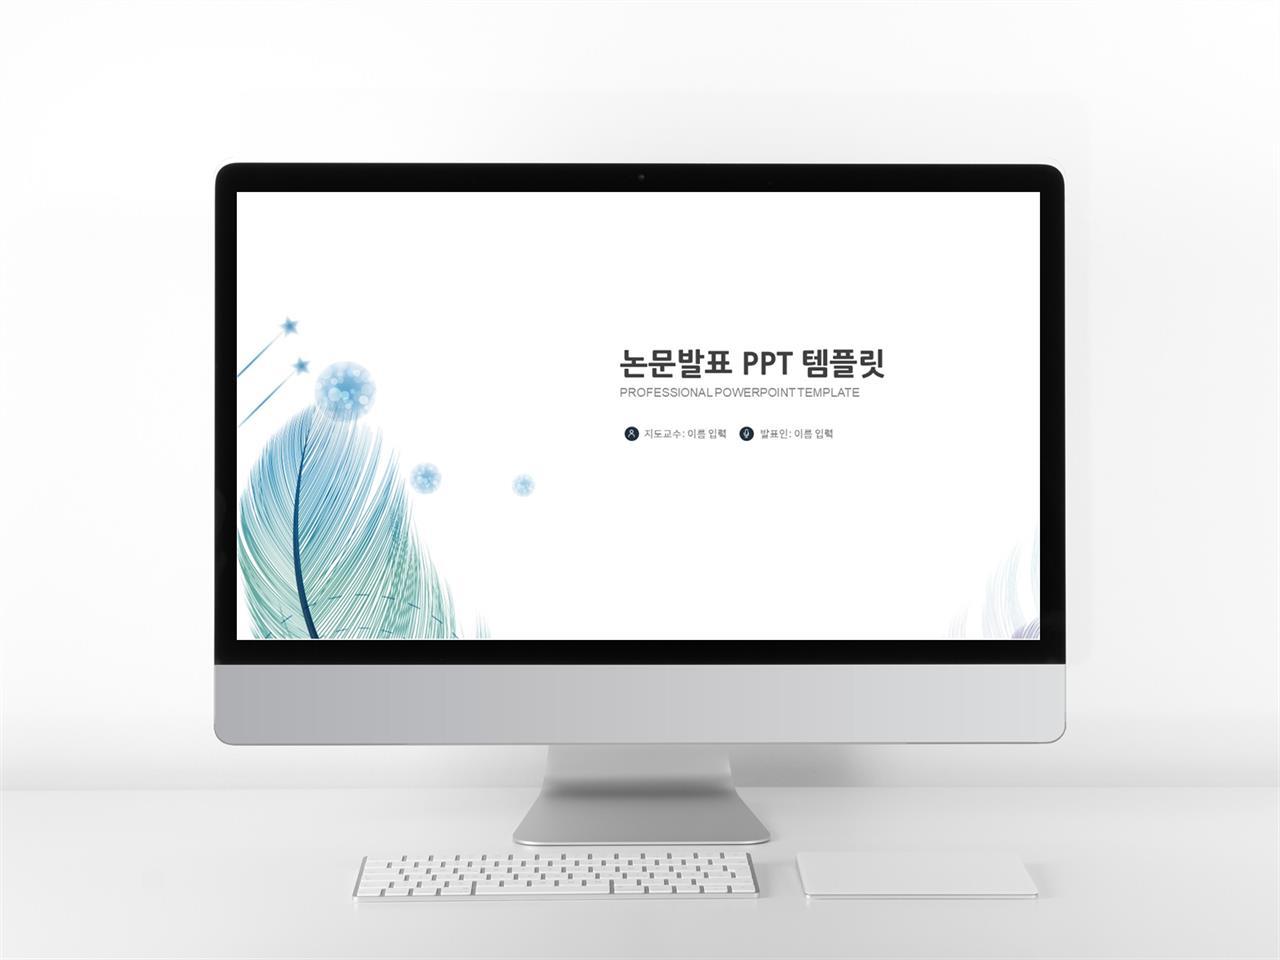 학위논문 푸른색 단출한 멋진 POWERPOINT탬플릿 다운로드 미리보기